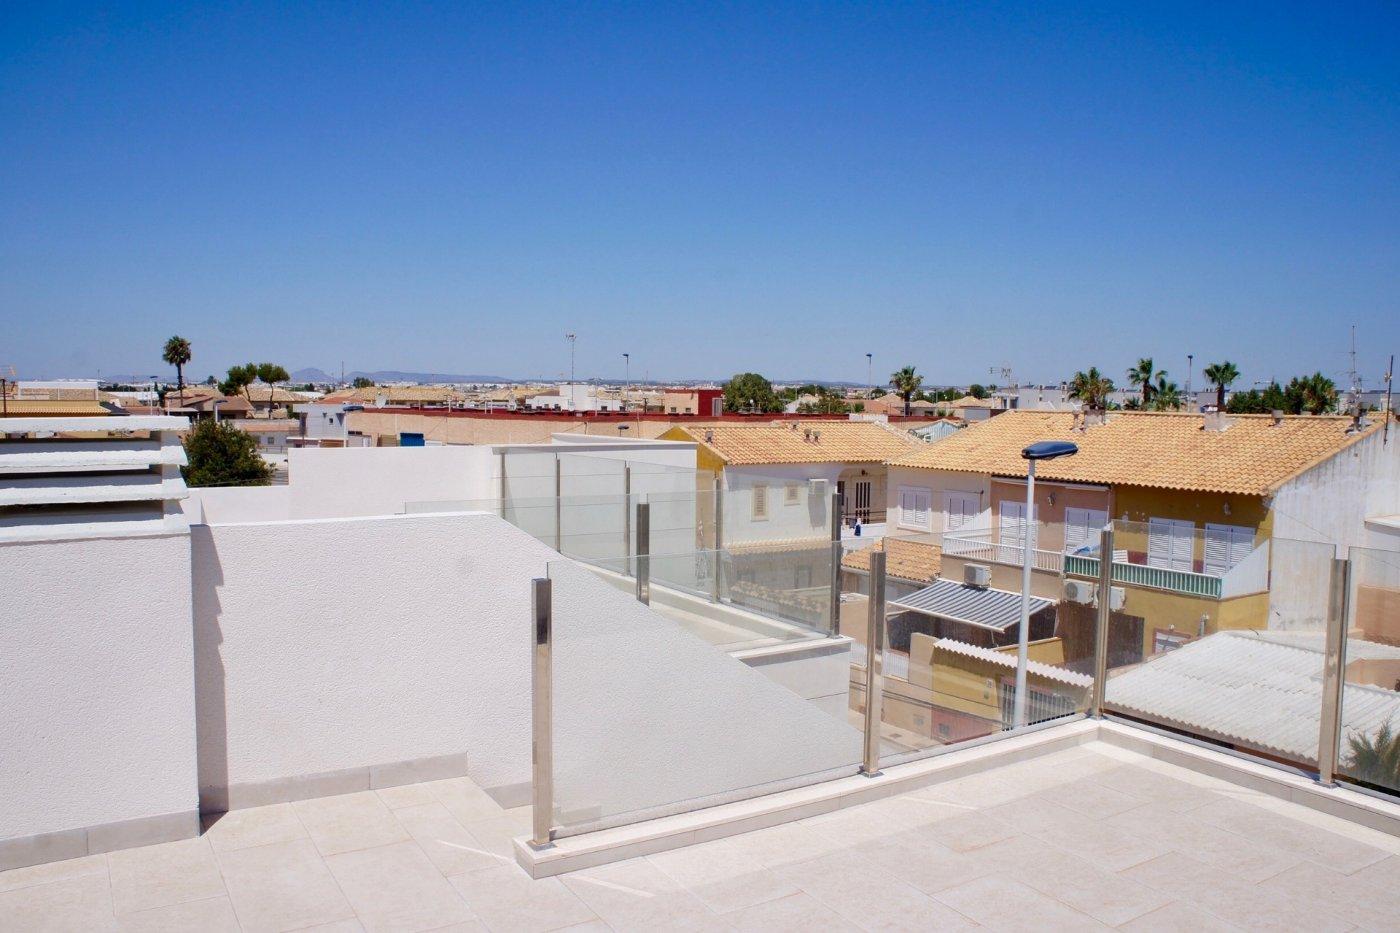 Gallery Image 22 of Nuevo apartamento listo en la planta superior de 2 dormitorios a solo 2 minutos a pie de las playas,